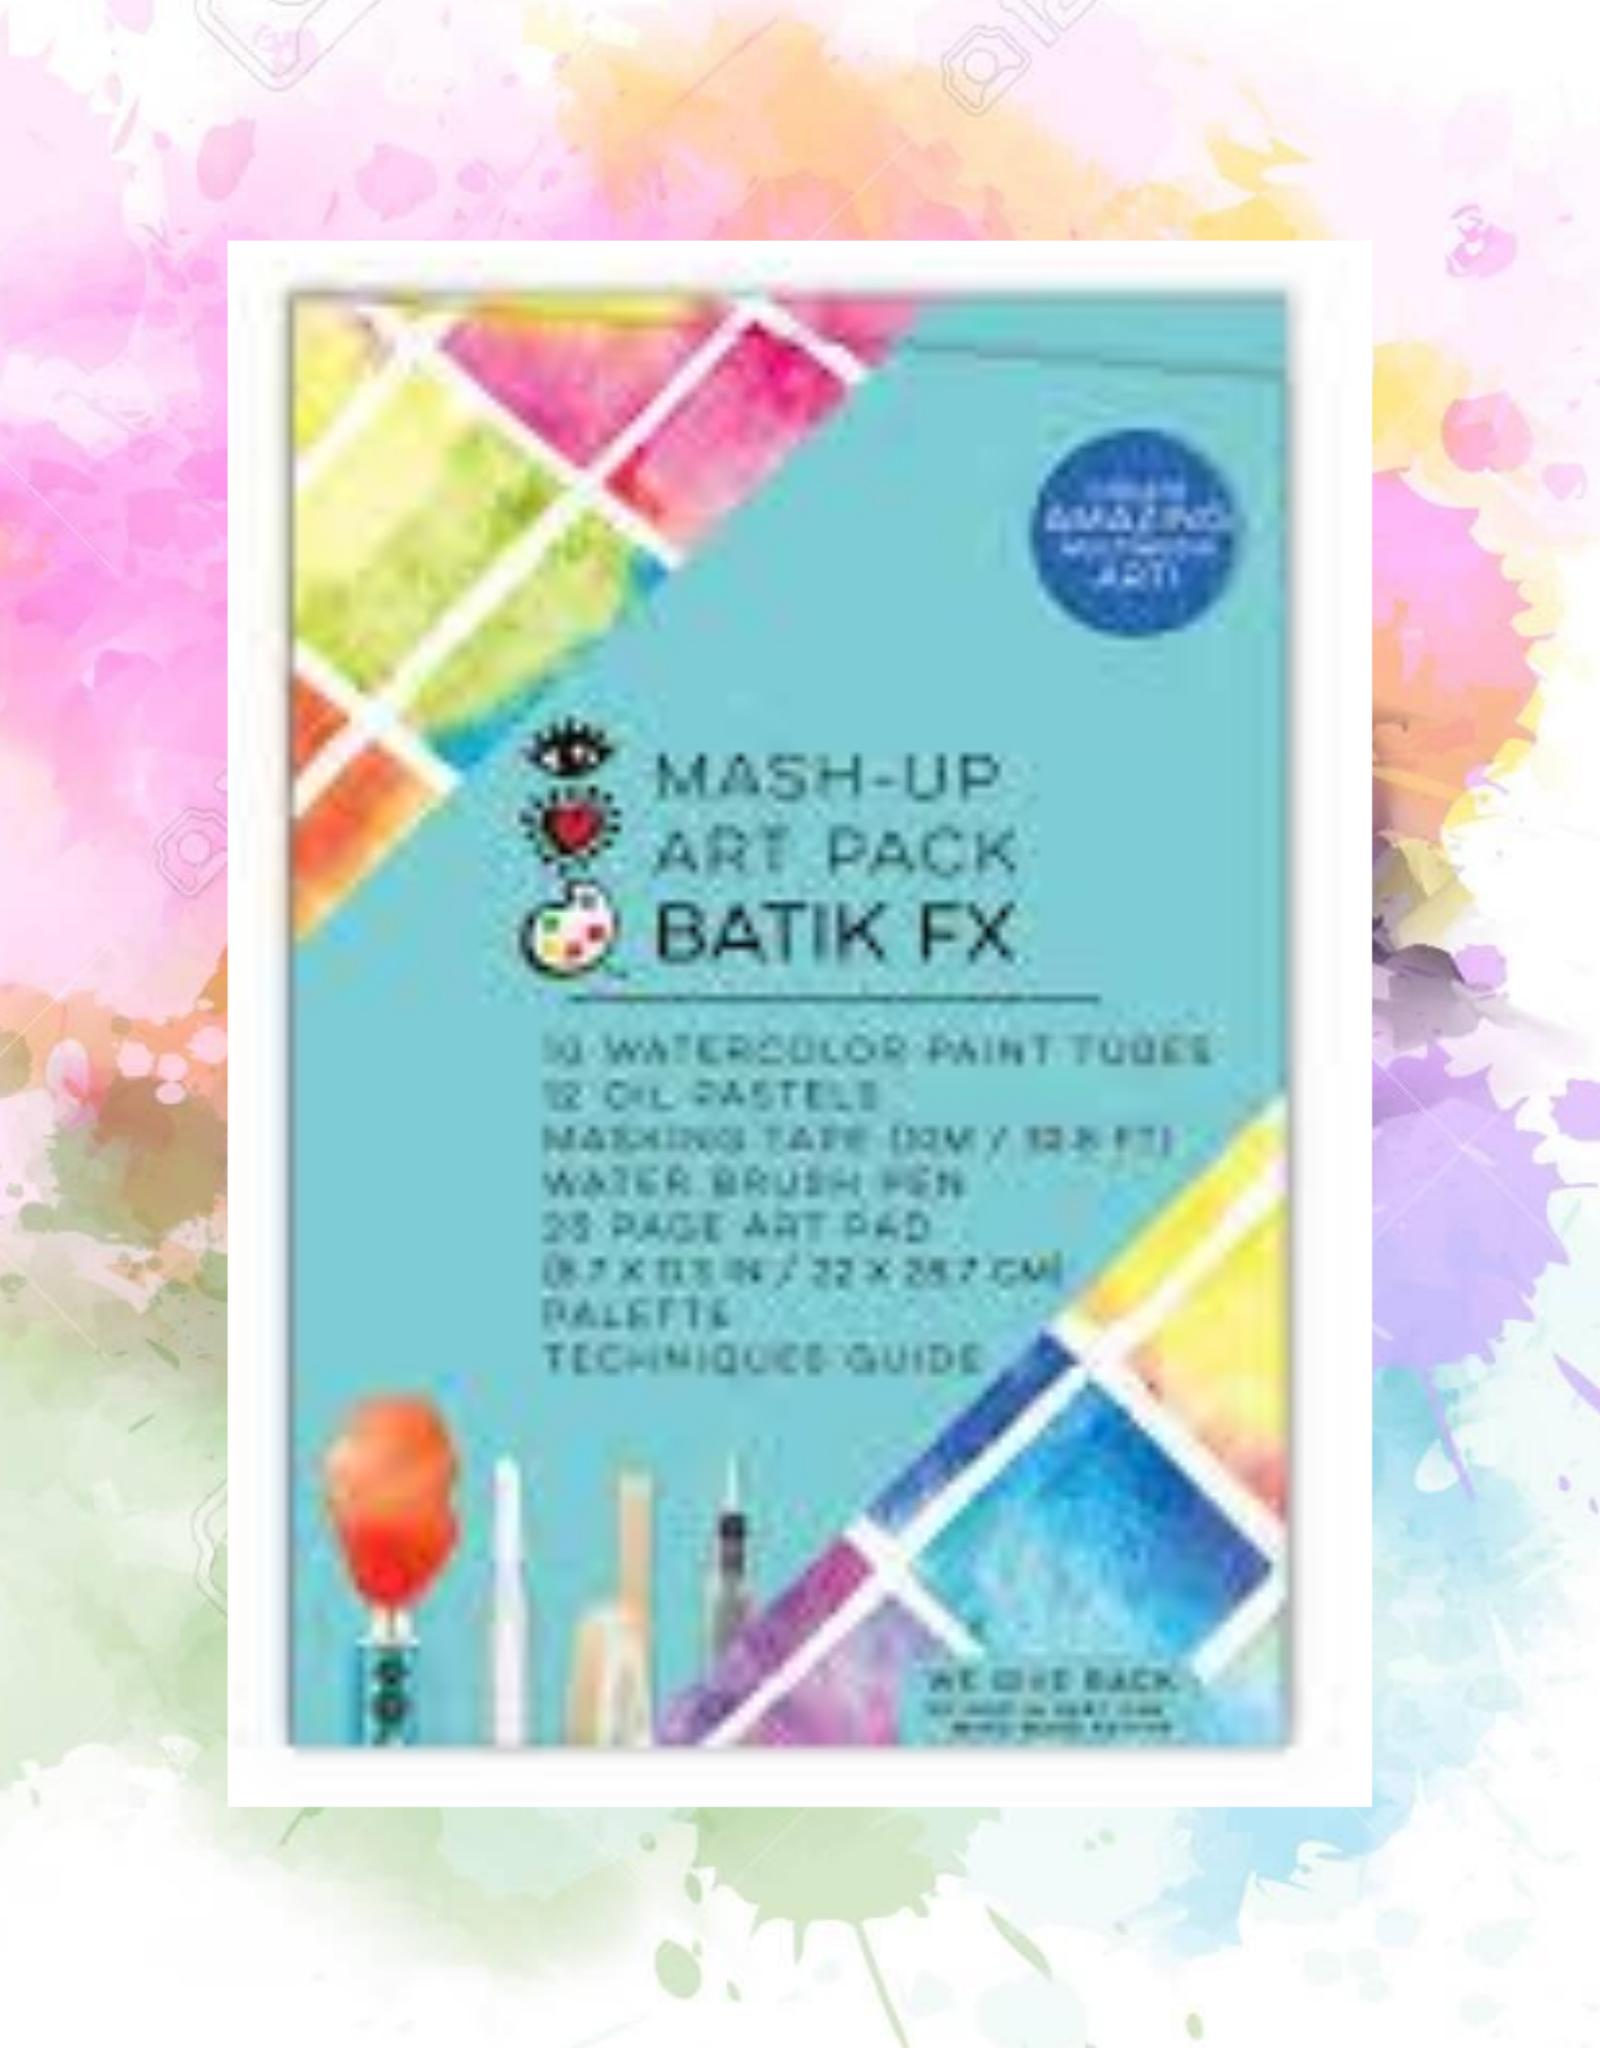 MASH UP ART PACK BATIK FX